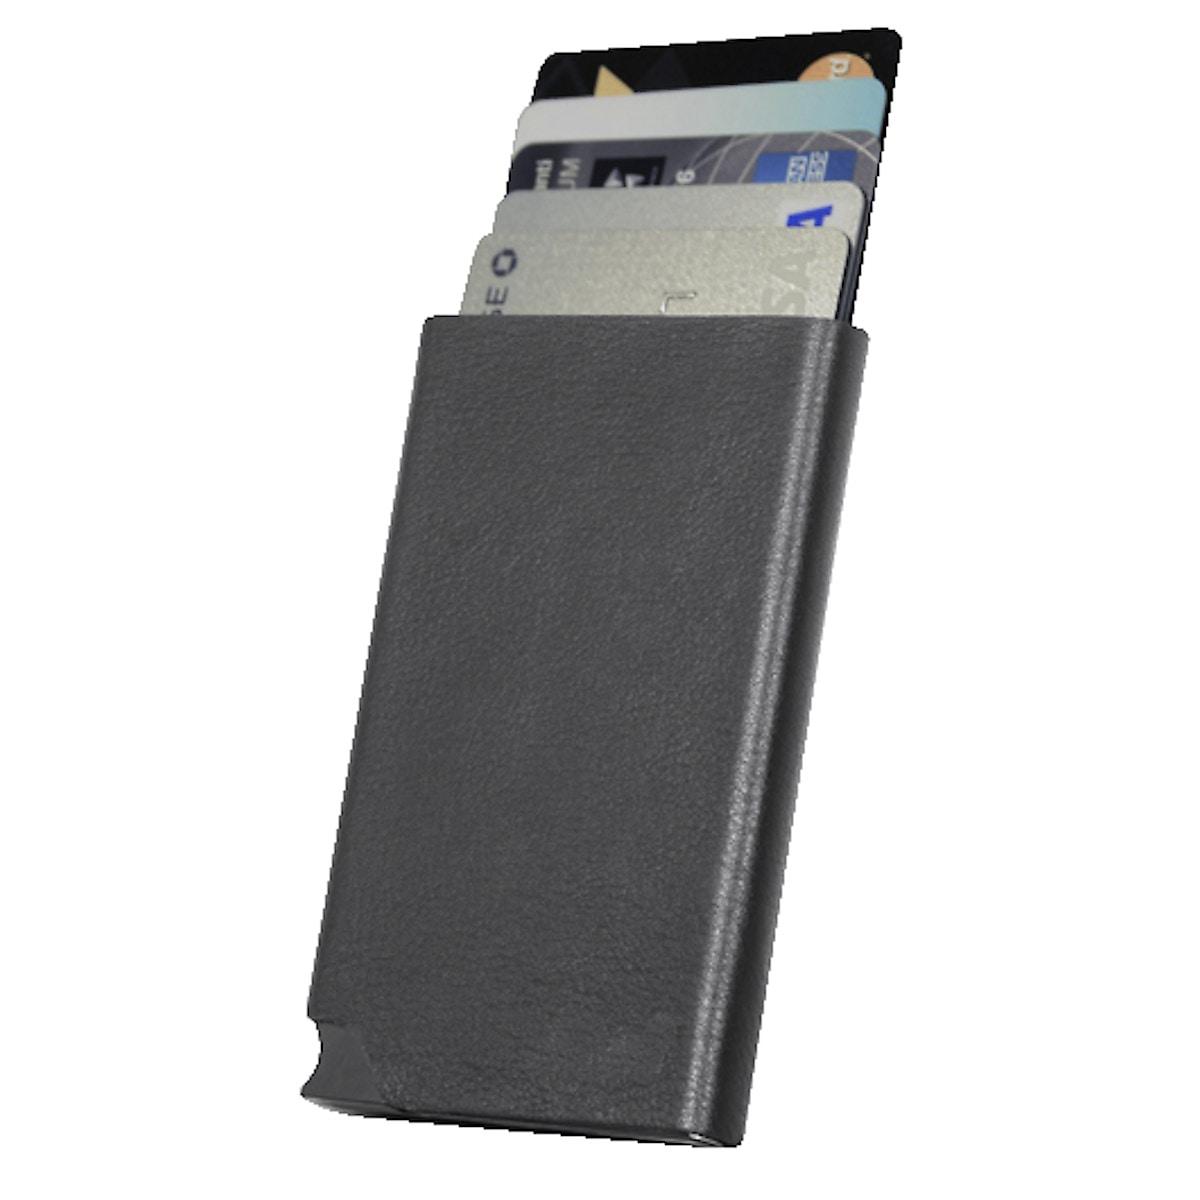 Mobilskal med korthållare för iPhone 8, Ercko